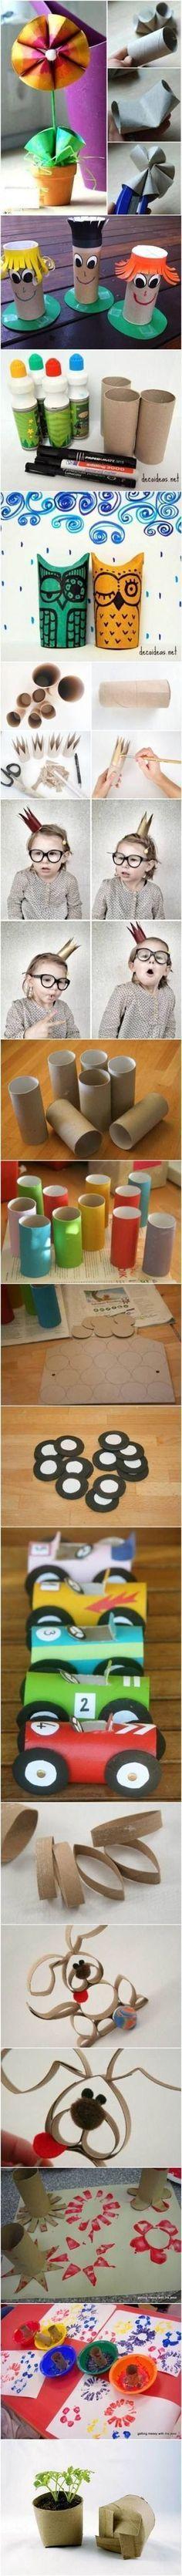 fun ways to use toilet paper tube